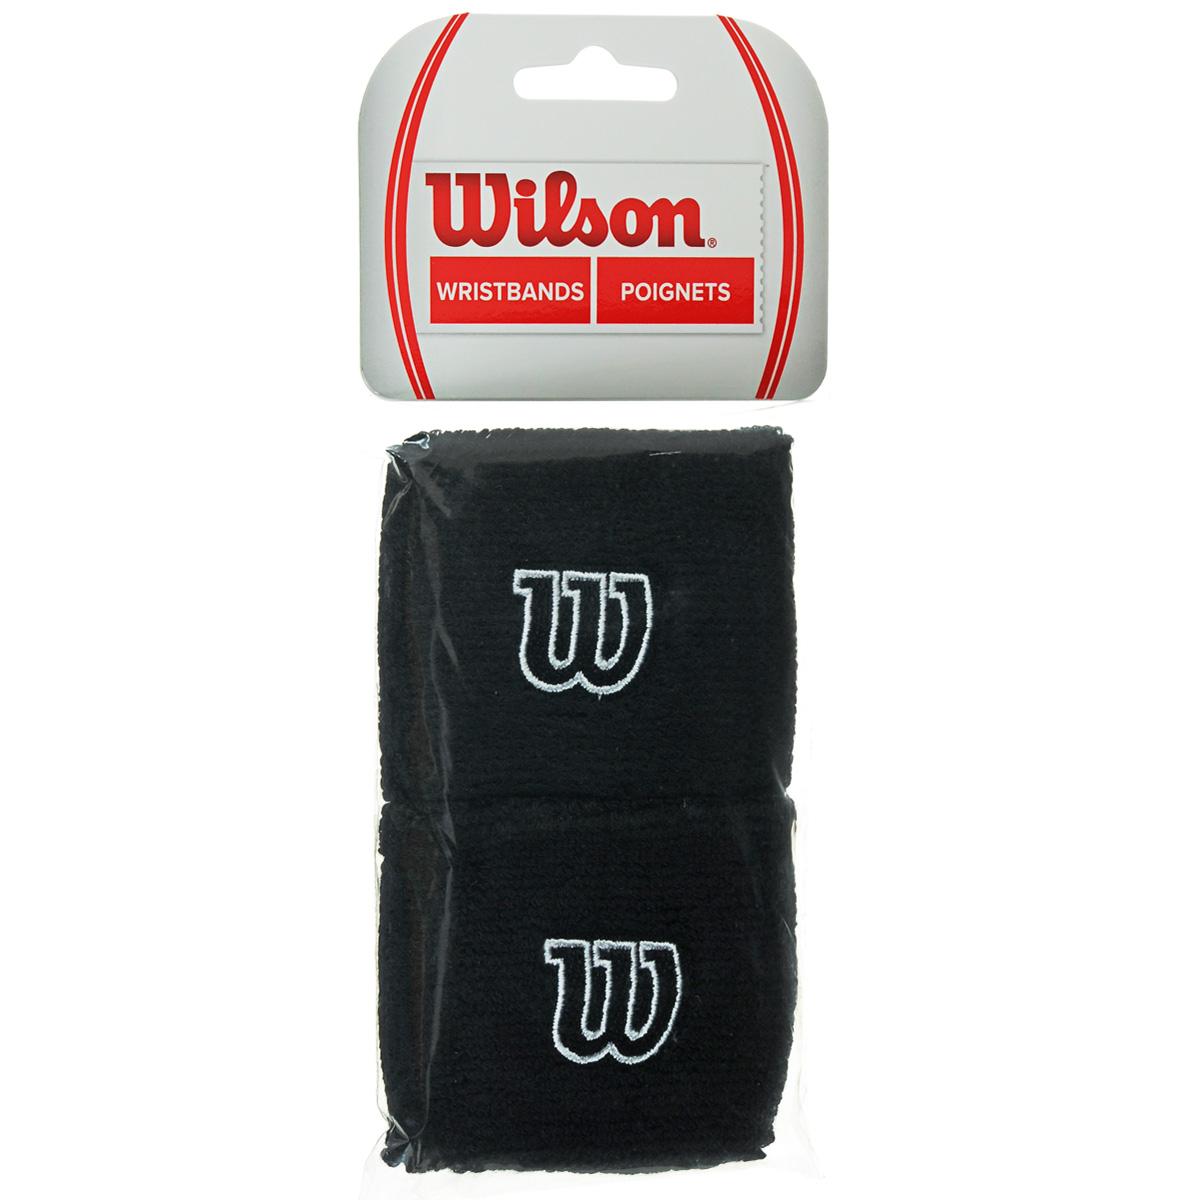 """Широкие напульсники Wilson """"Wristband"""" выполнены из футера и украшены вышивкой """"W"""". Полностью поглощают влагу, обеспечивая максимальный комфорт во время игры или тренировки."""